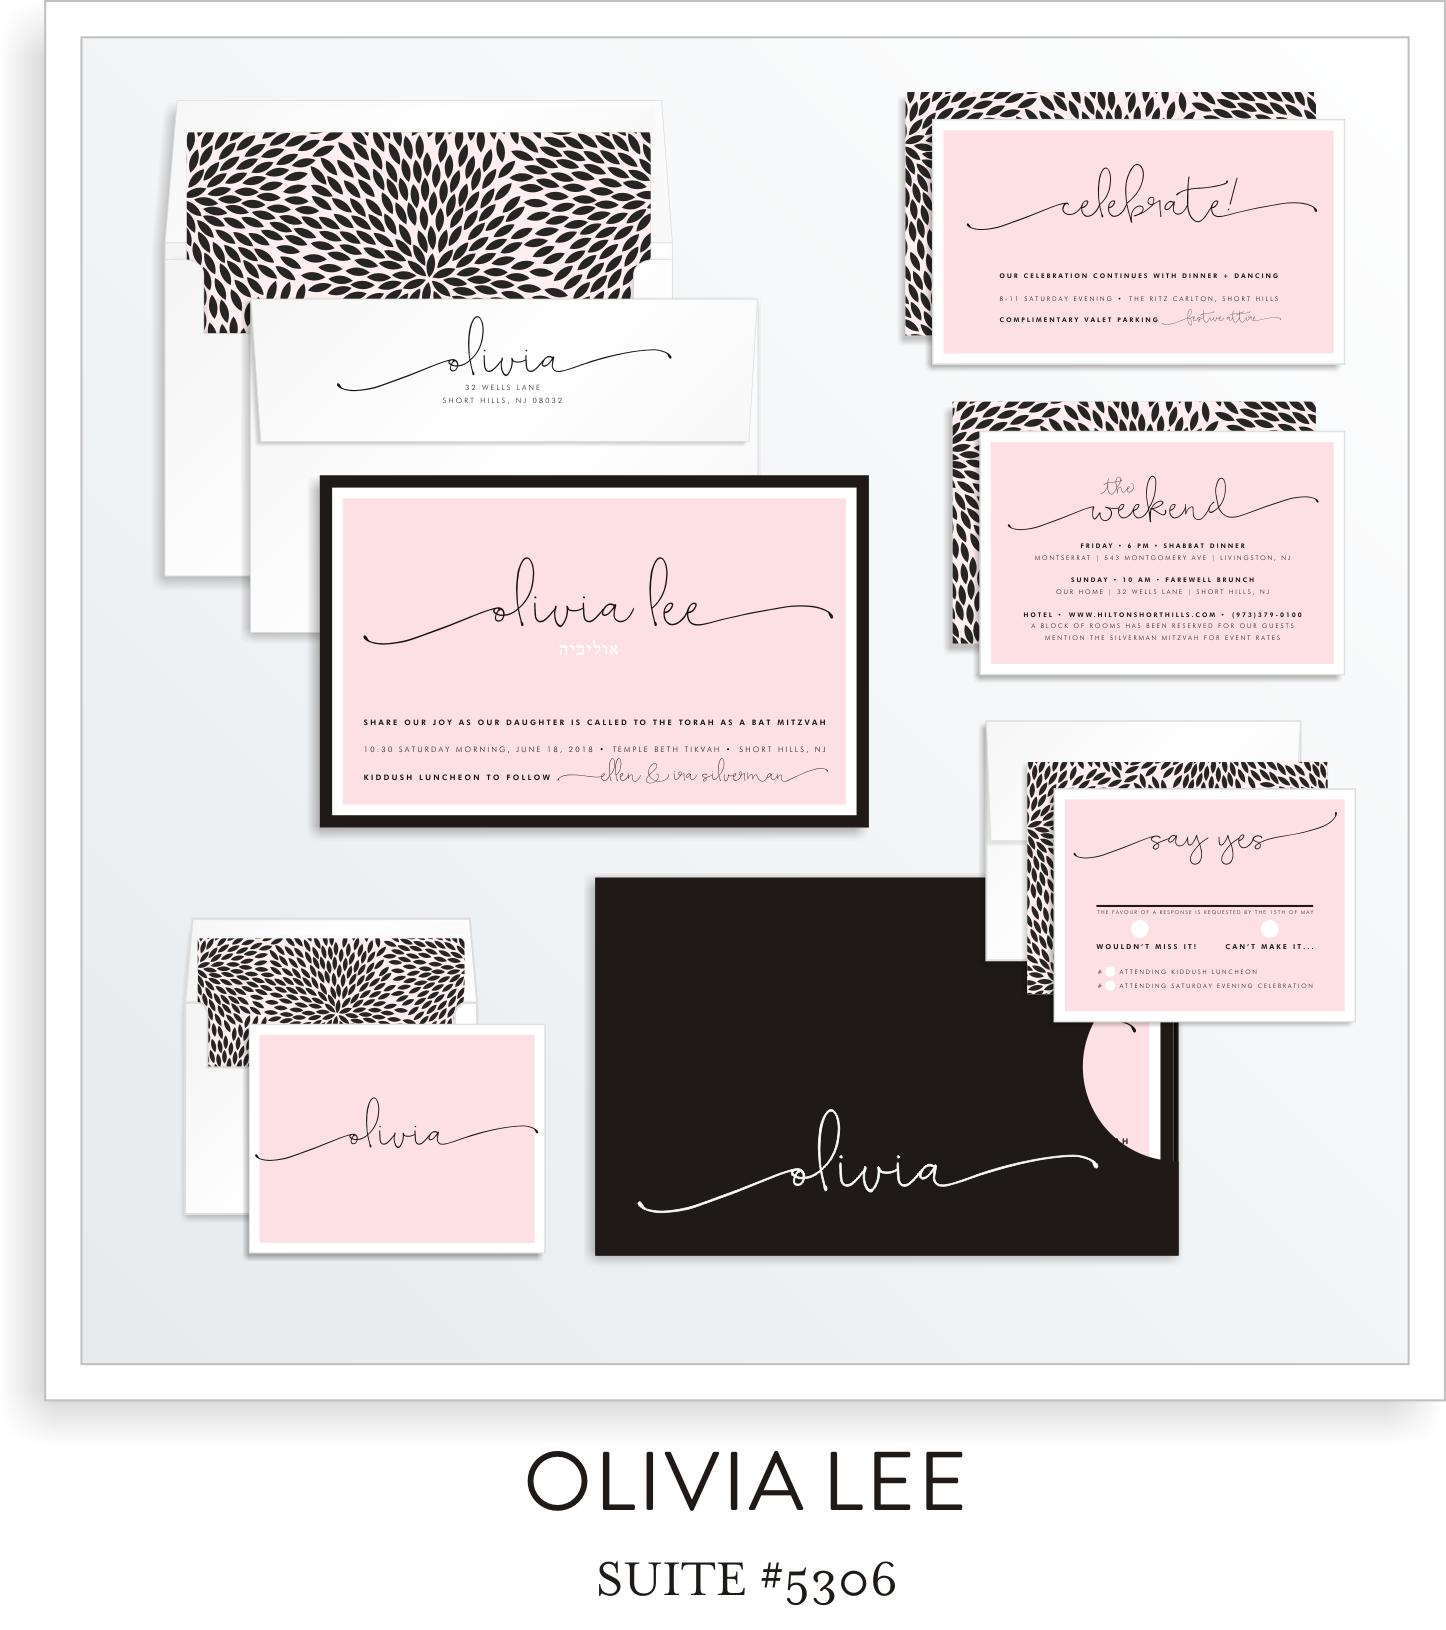 Bat Mitzvah Invitation Suite 5306 - Olivia Lee